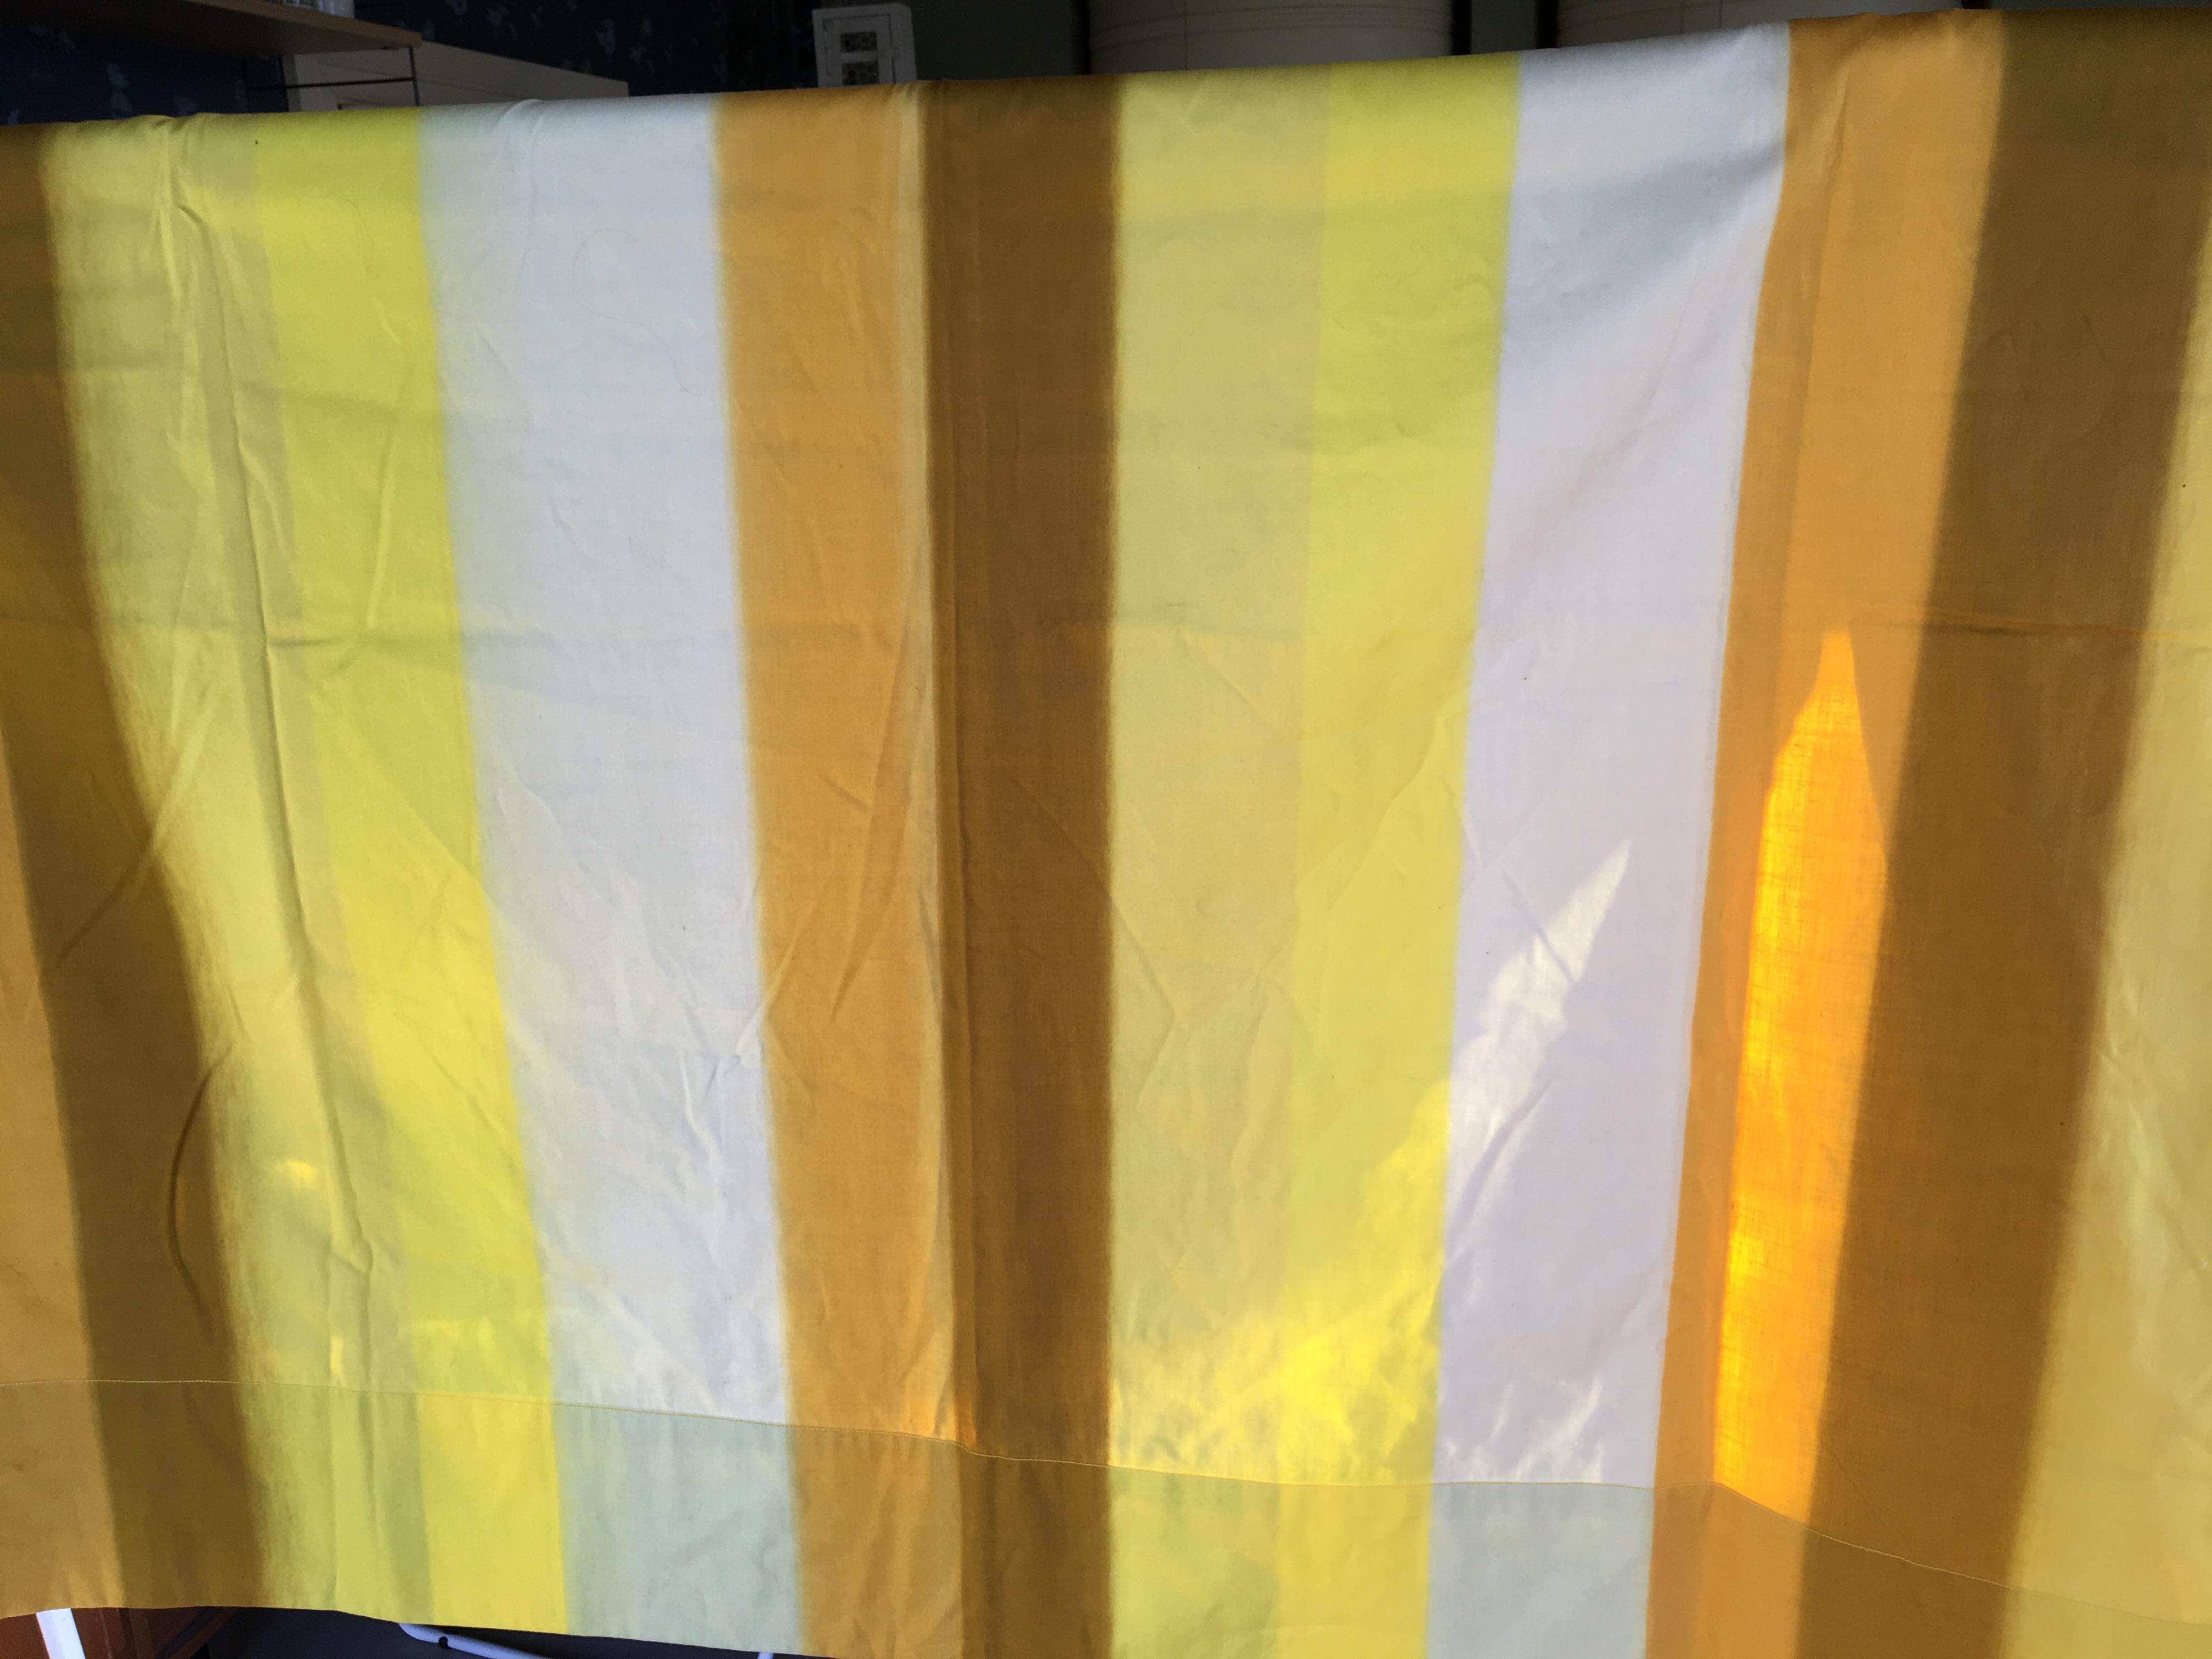 Lapinniemen puuvilla Timo Sarpaneva Ambiente keltainen